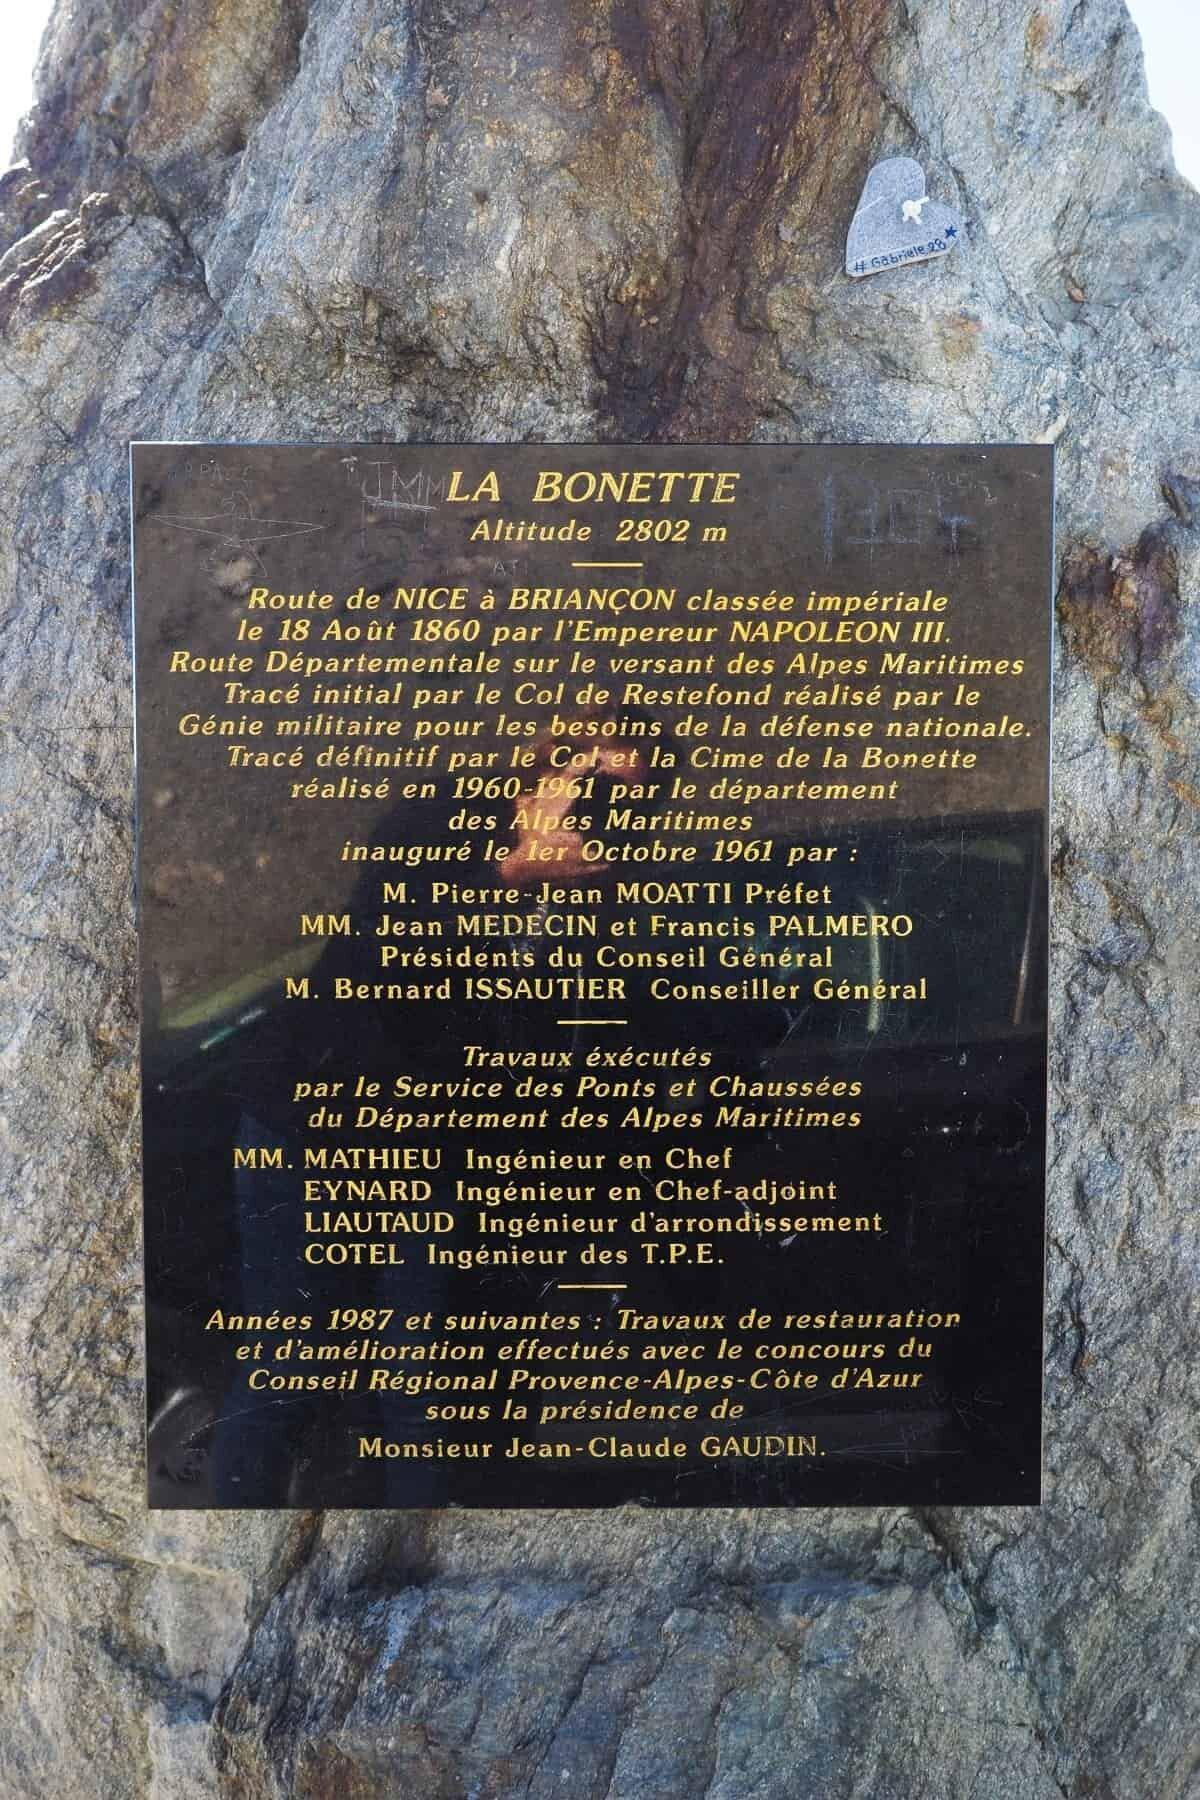 Col de la Bonette, France, the highest road in France.